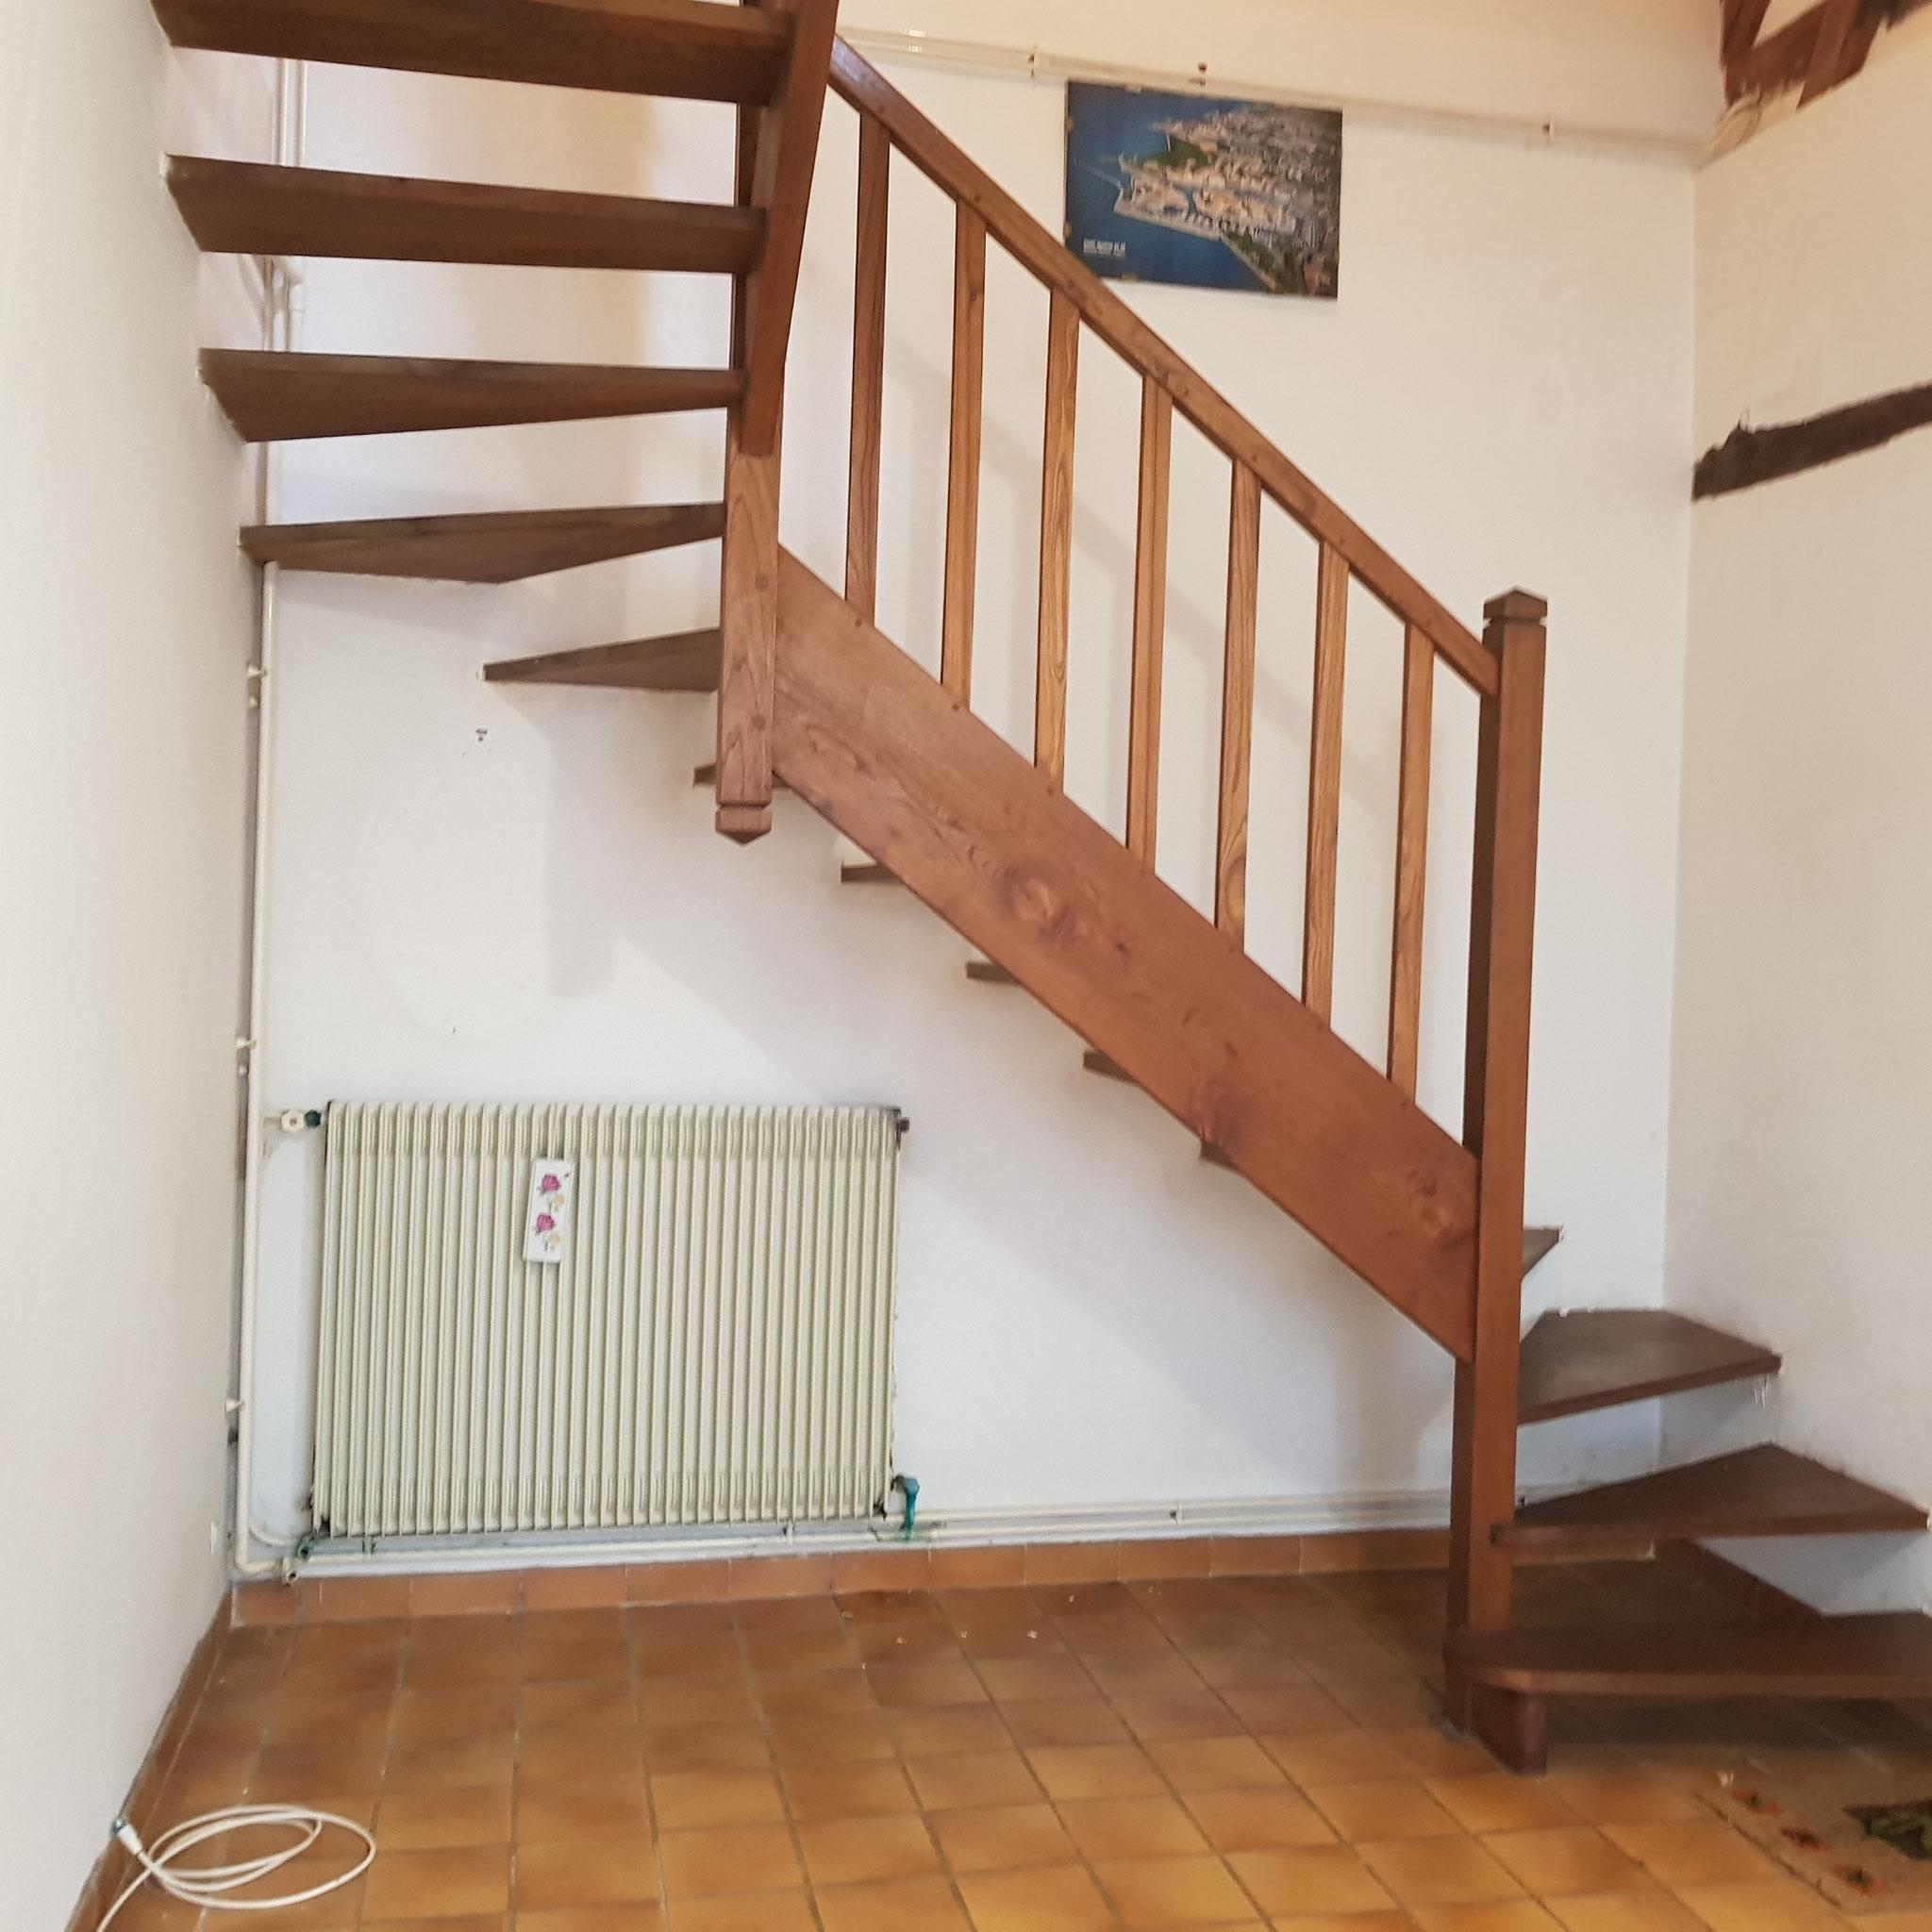 Avant travaux de pose d'un toilette sous l'escalier